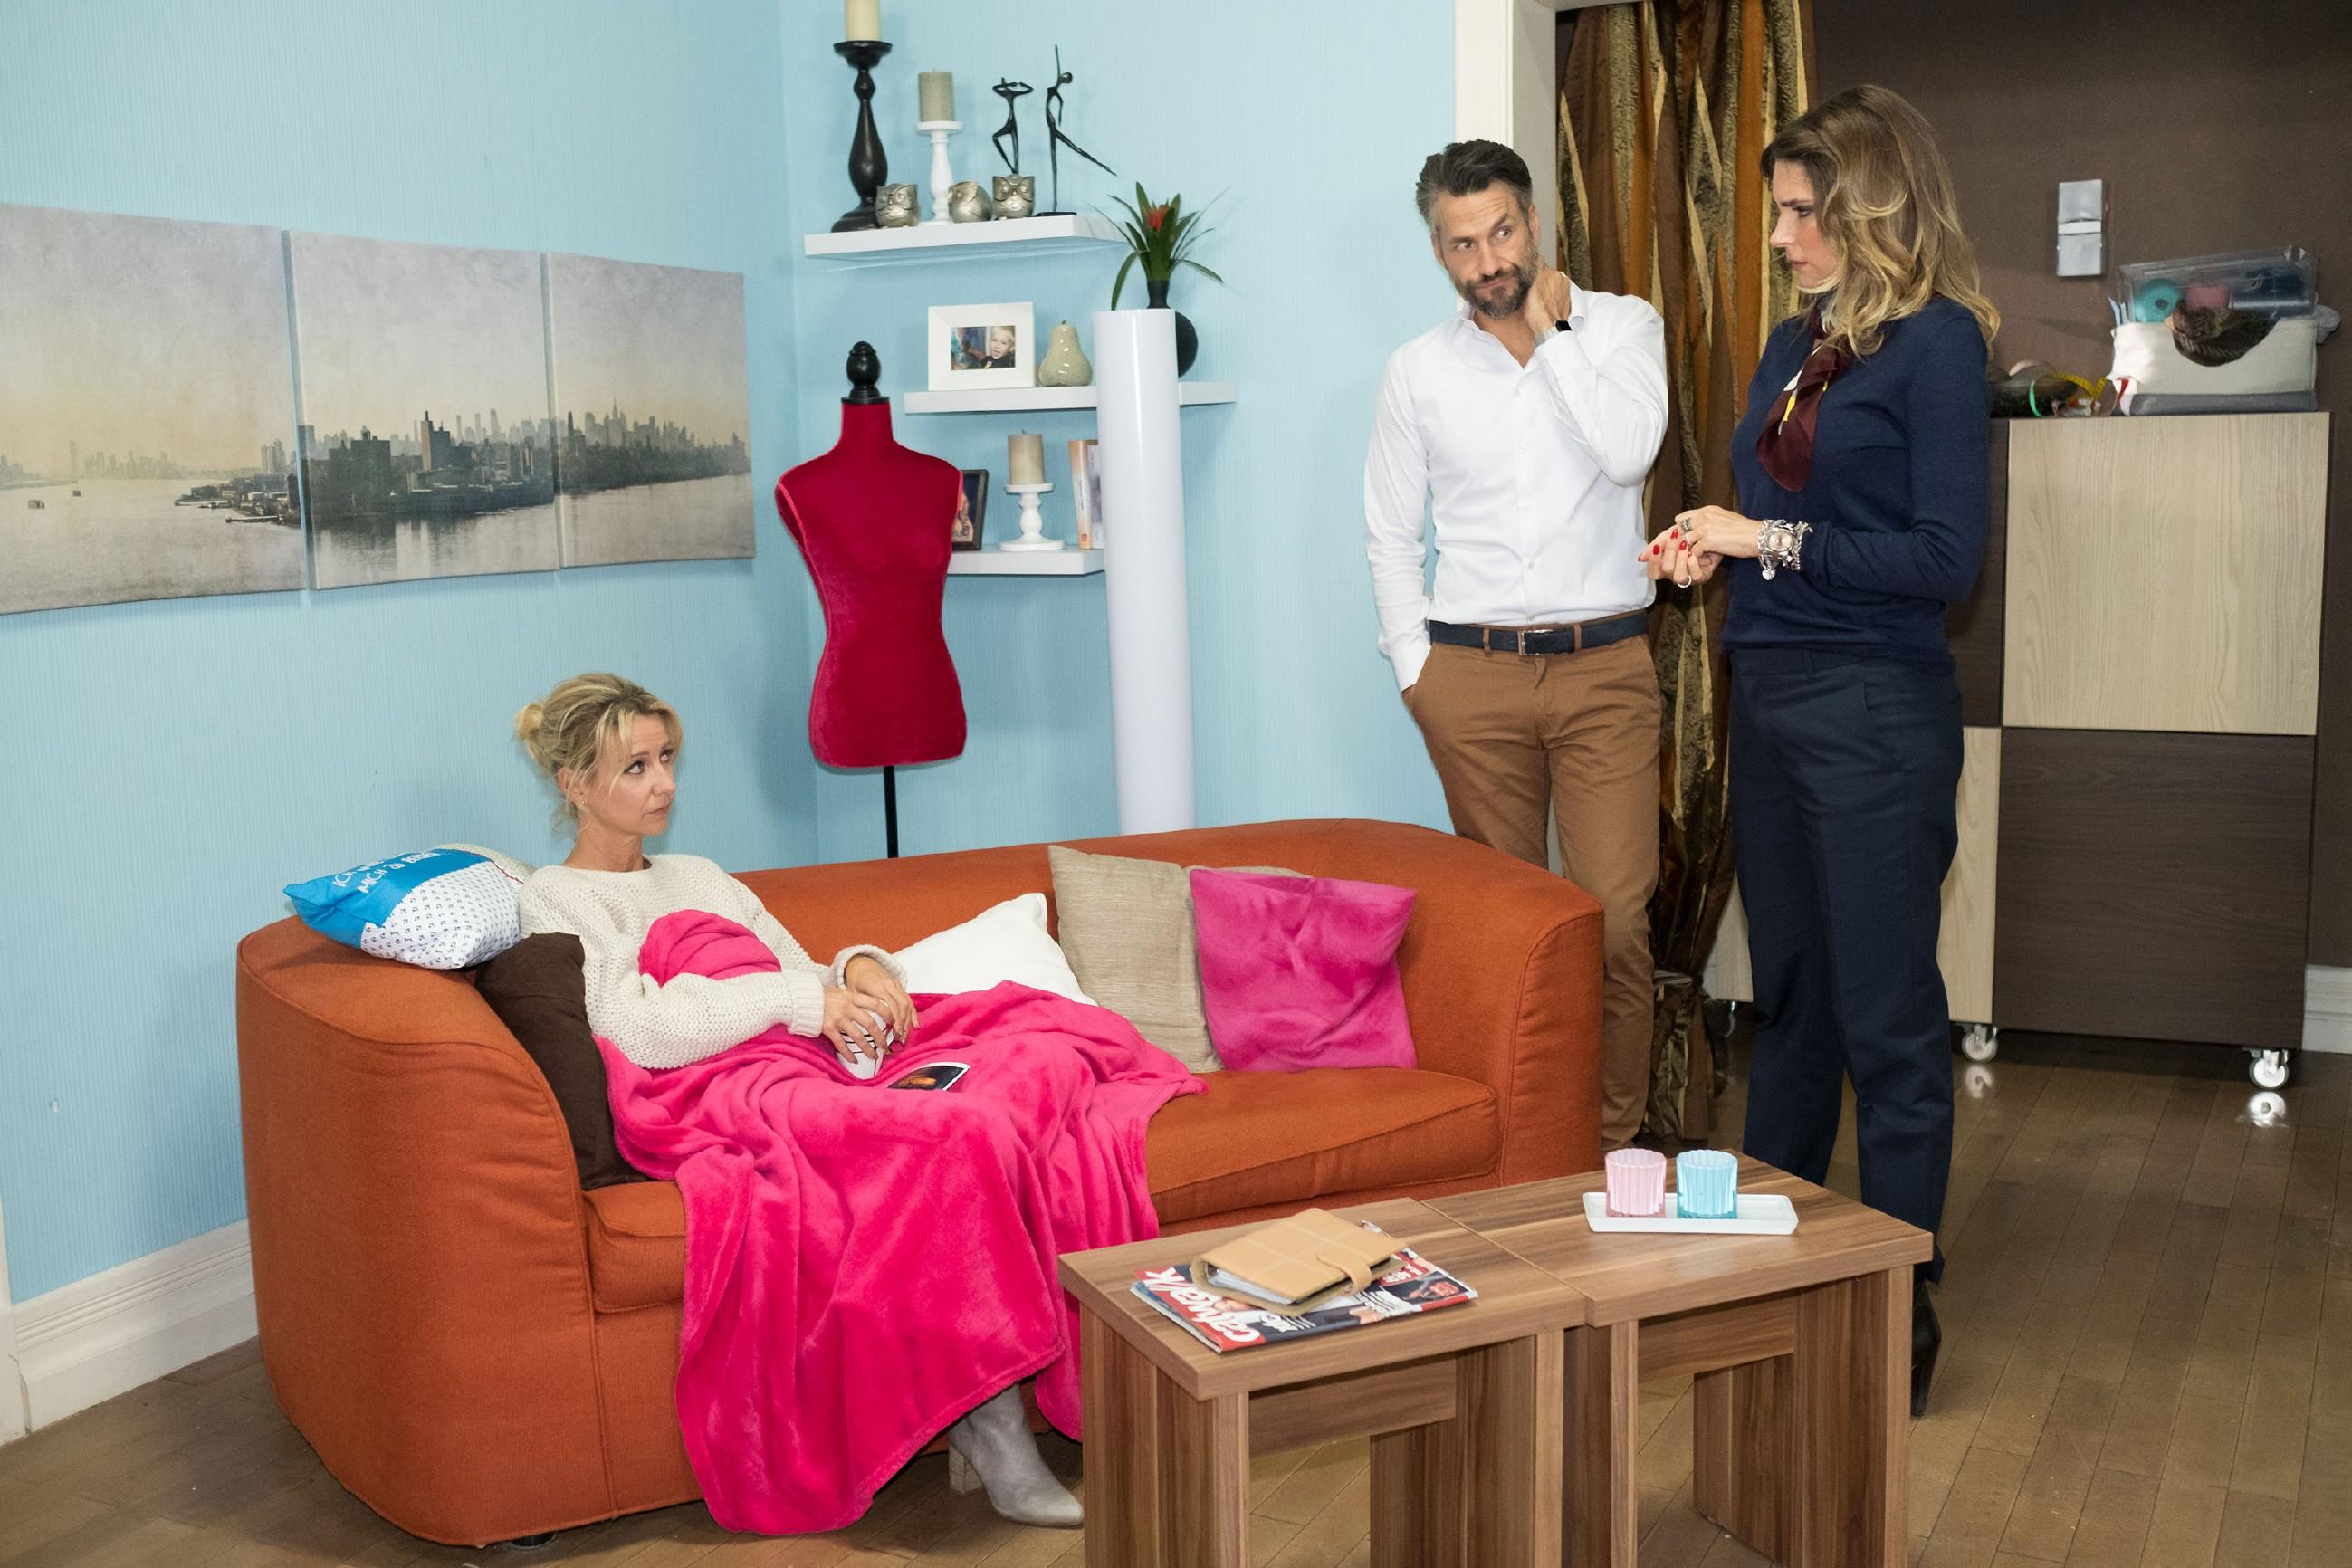 Ute (Isabell Hertel, l.) lässt ihre Wut auf Till in Gegenwart von Malte (Stefan Bockelmann) an Eva (Claudelle Deckert) aus.